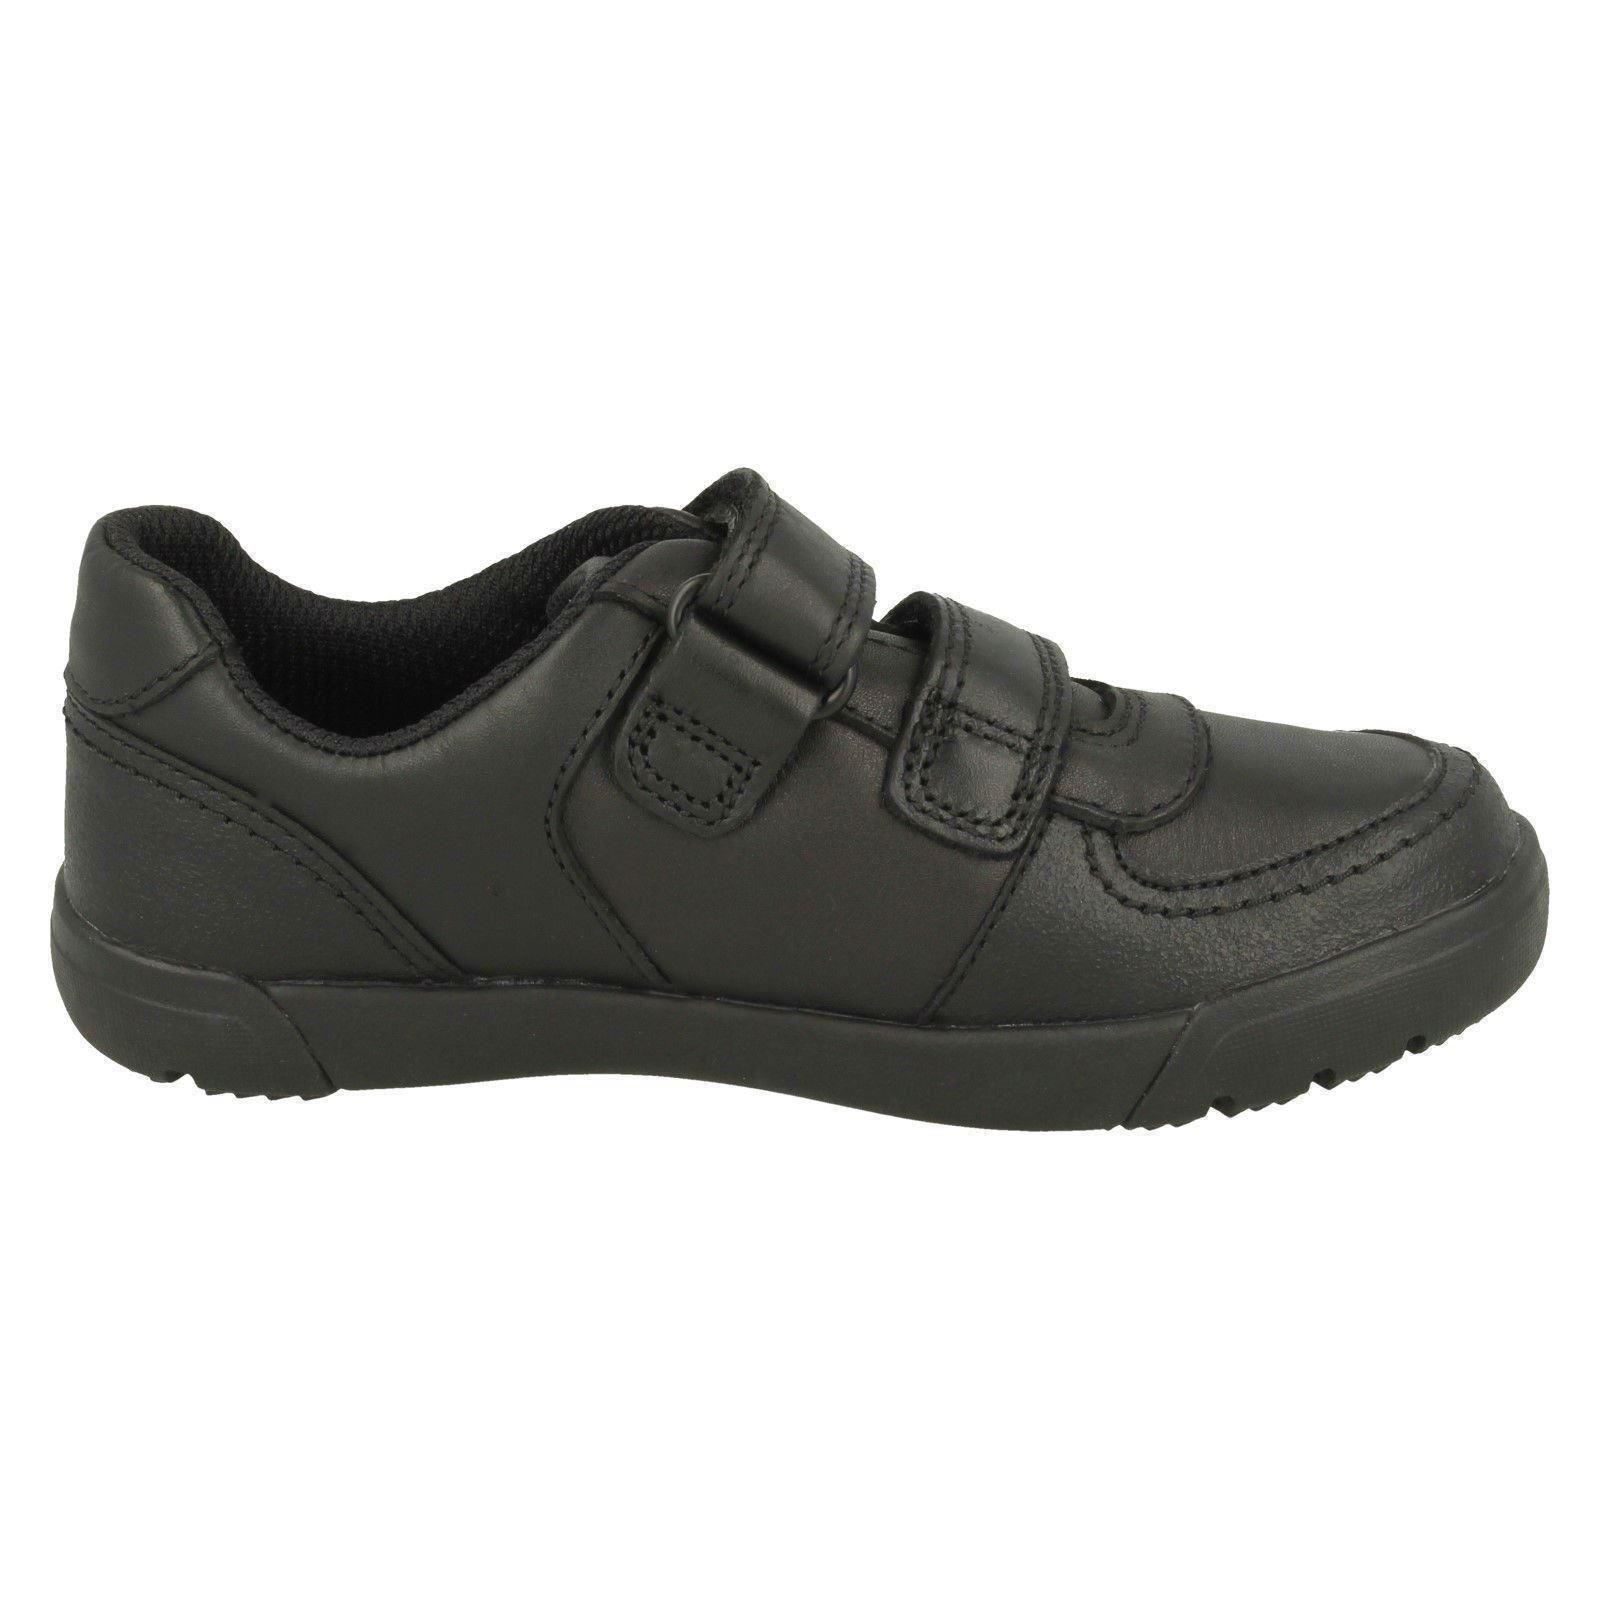 De Niños Mini Colegio Cierre Racer Zapatos Adhesivo Clarks xHwqIdSRI